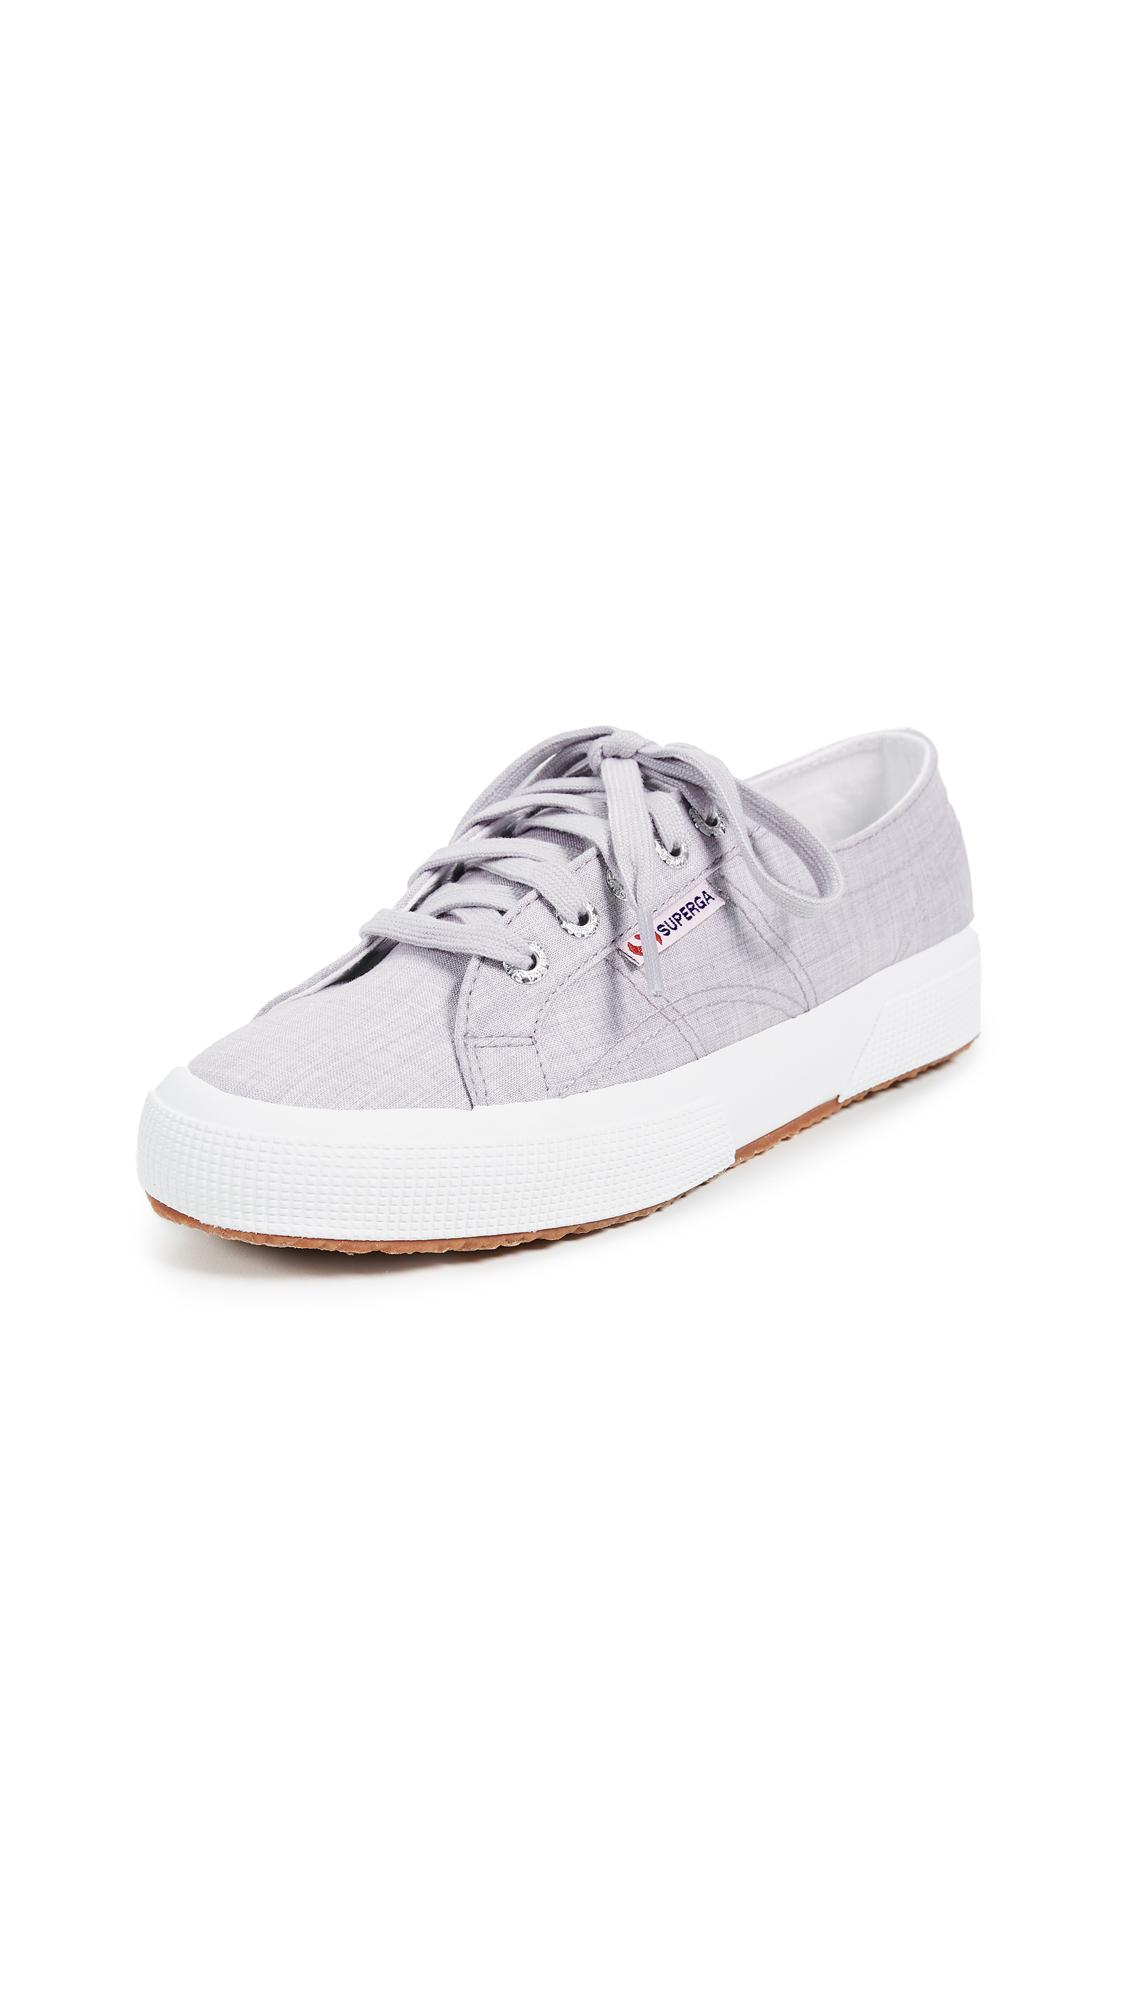 Superga 2750 Fabric Shirt Sneakers - Light Grey